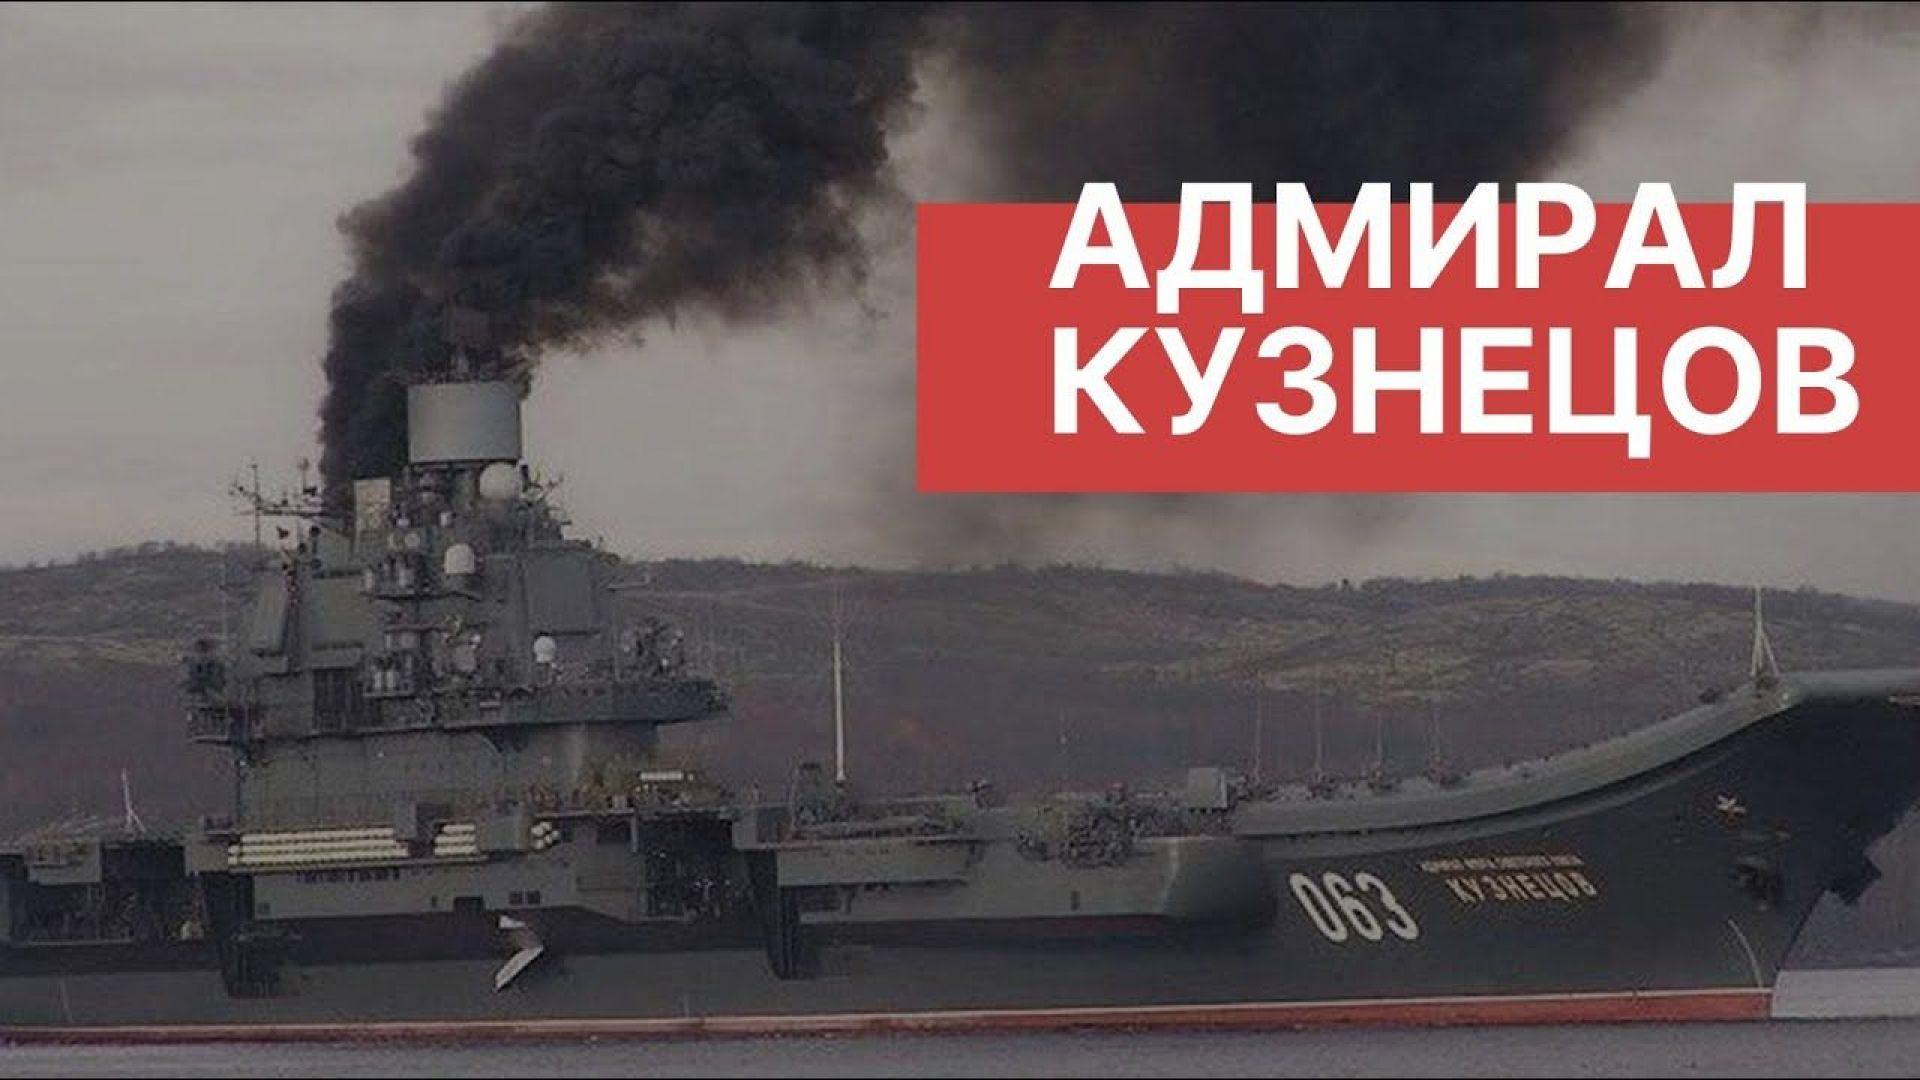 """Шестима в реанимация след пожара на """"Адмирал Кузнецов"""""""